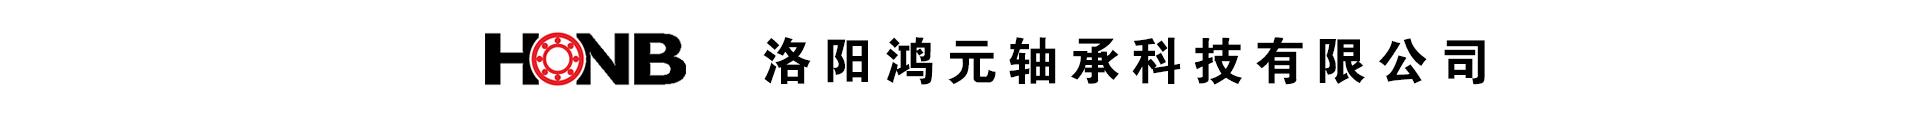 洛陽鴻元軸承科技有限公司